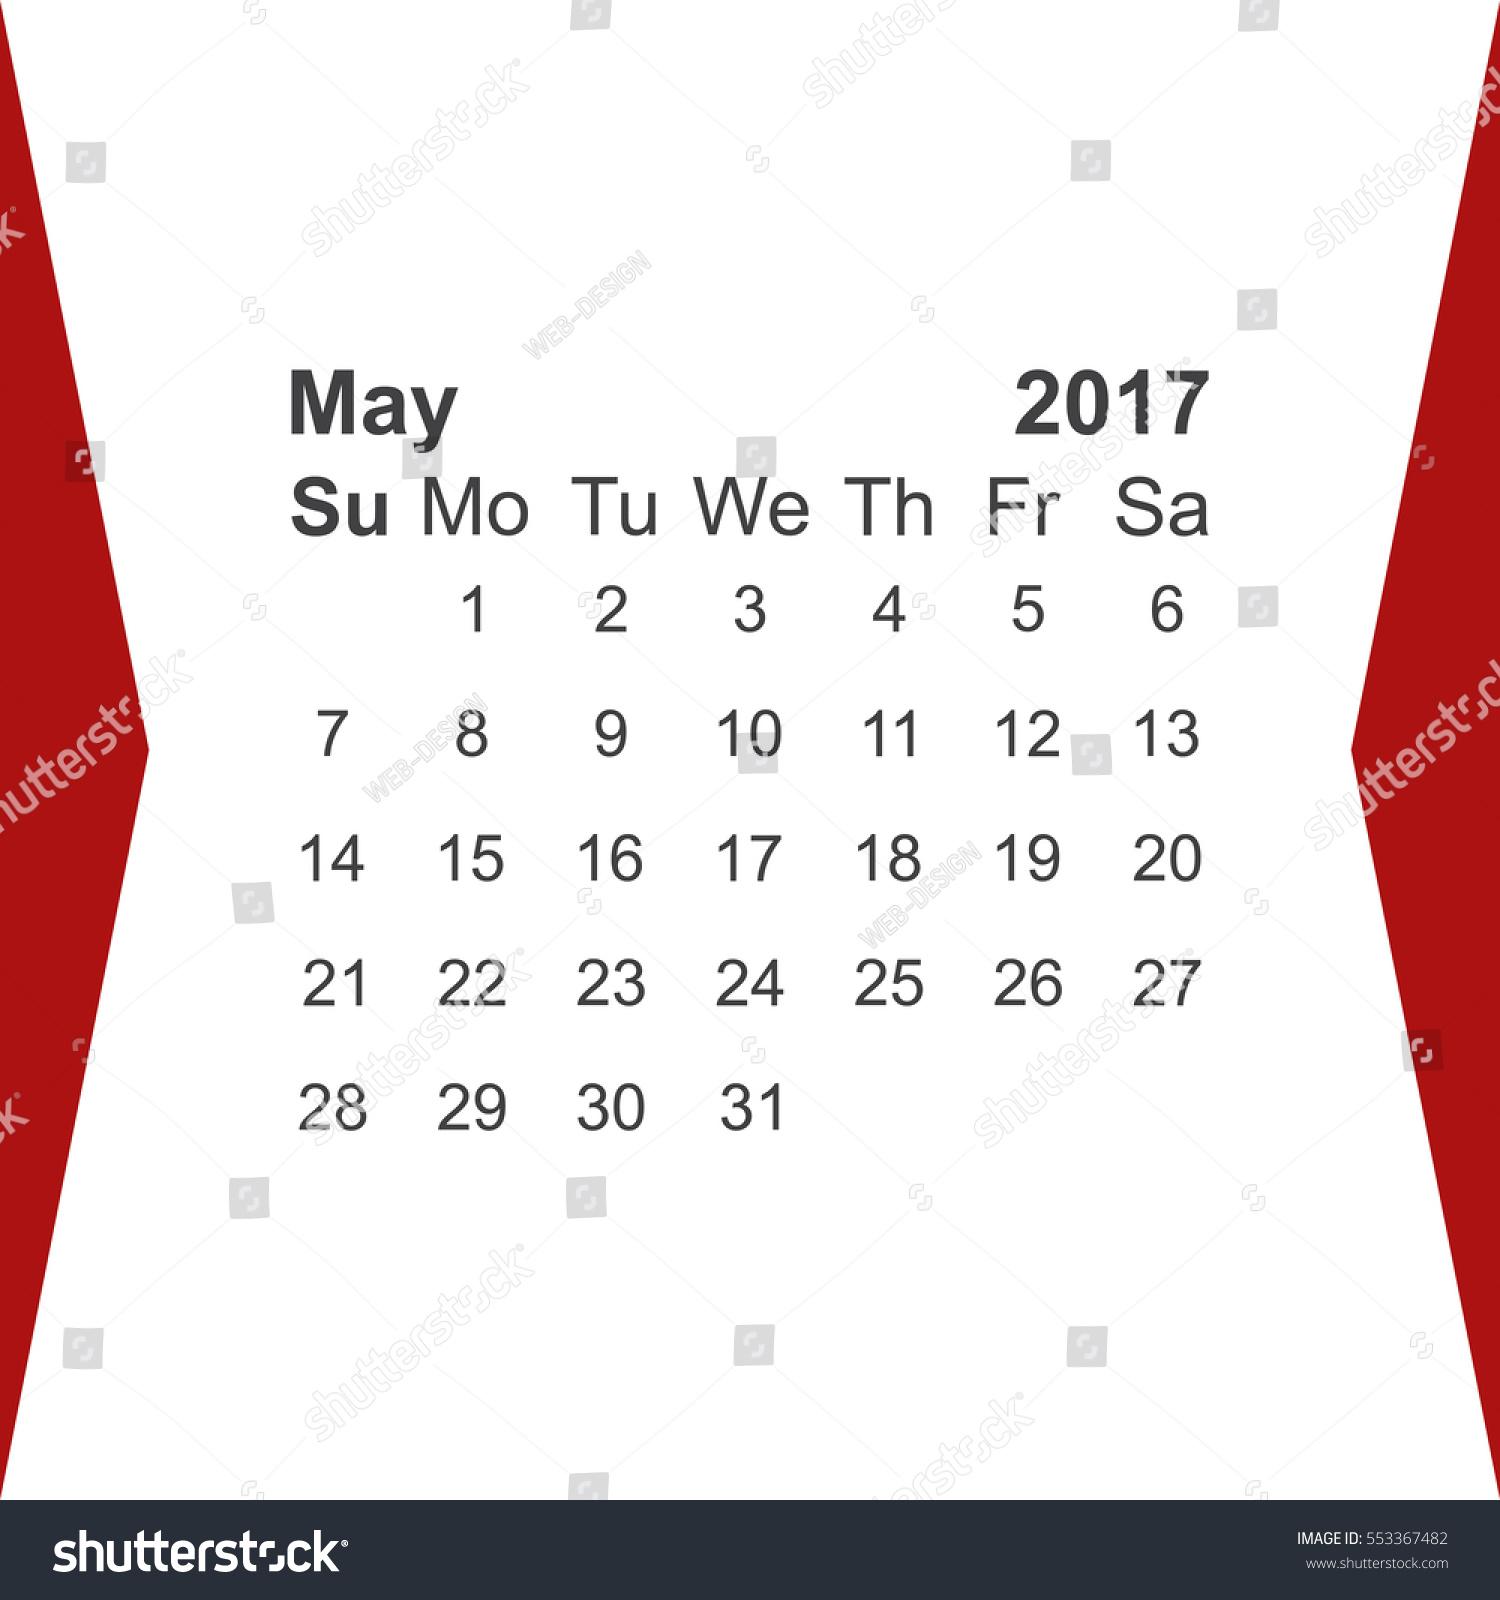 May Calendar Vector : May calendar icon vector flat stock